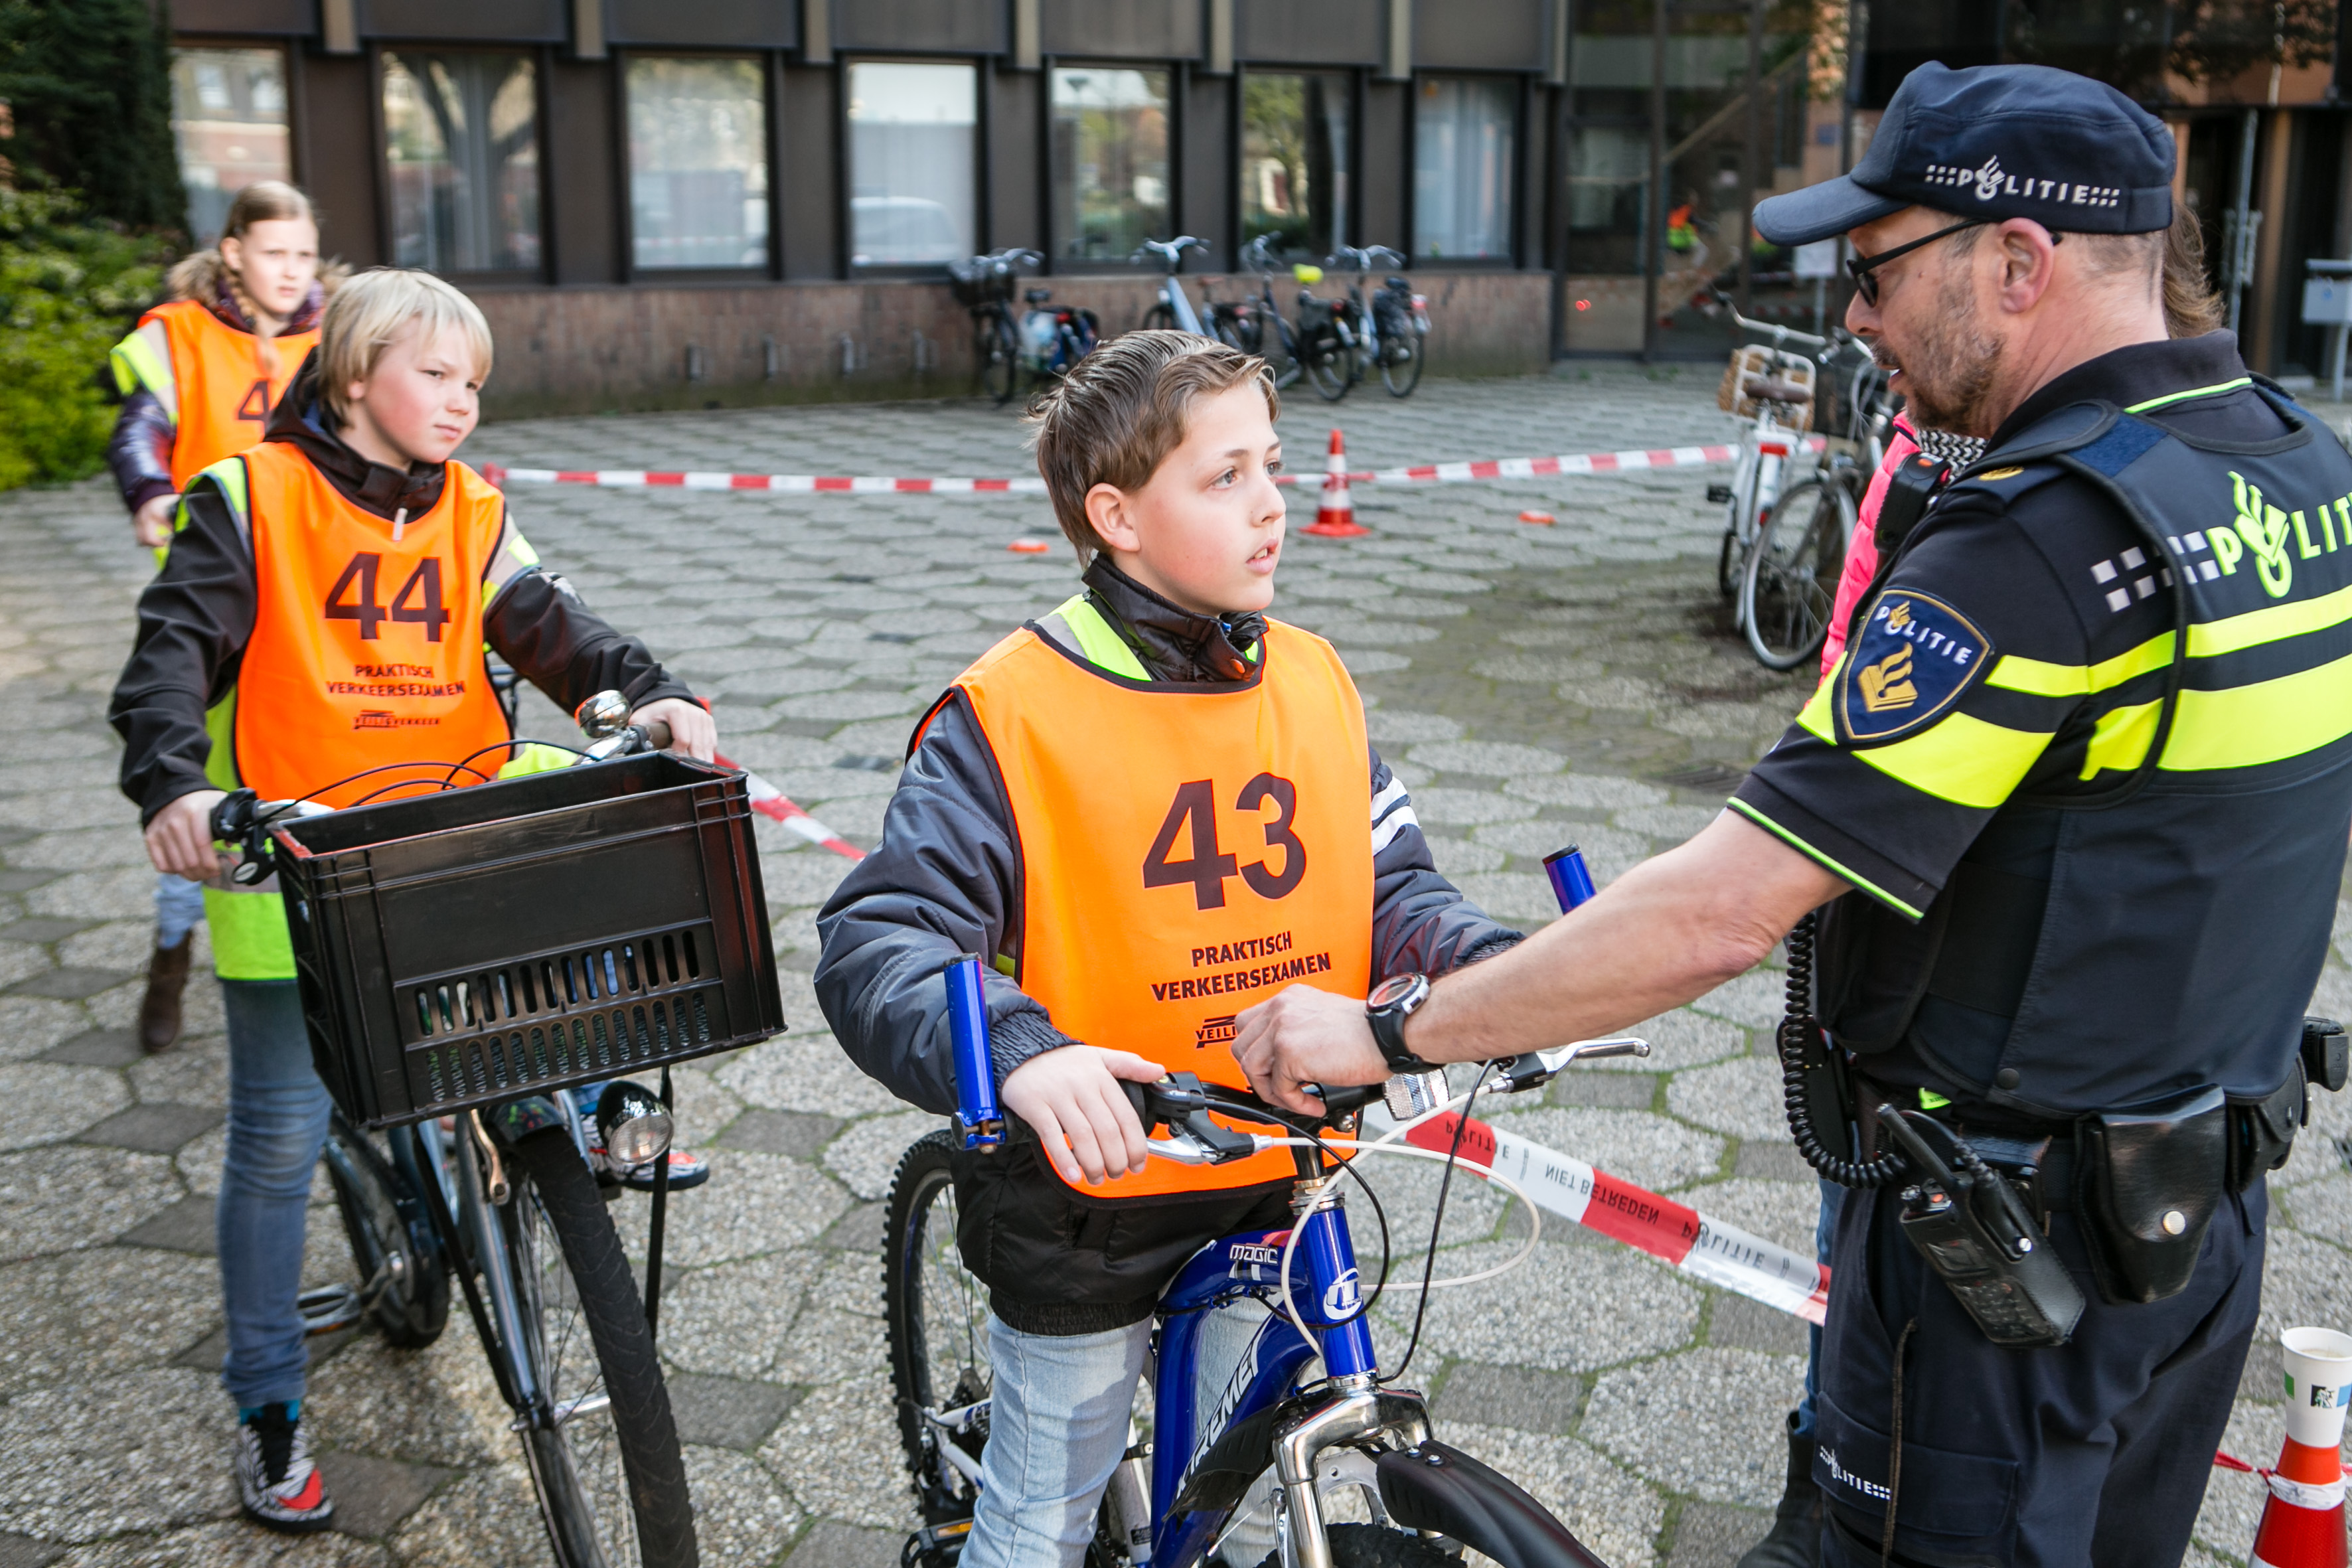 verkeersexamen foto eric van nieuwland 080643